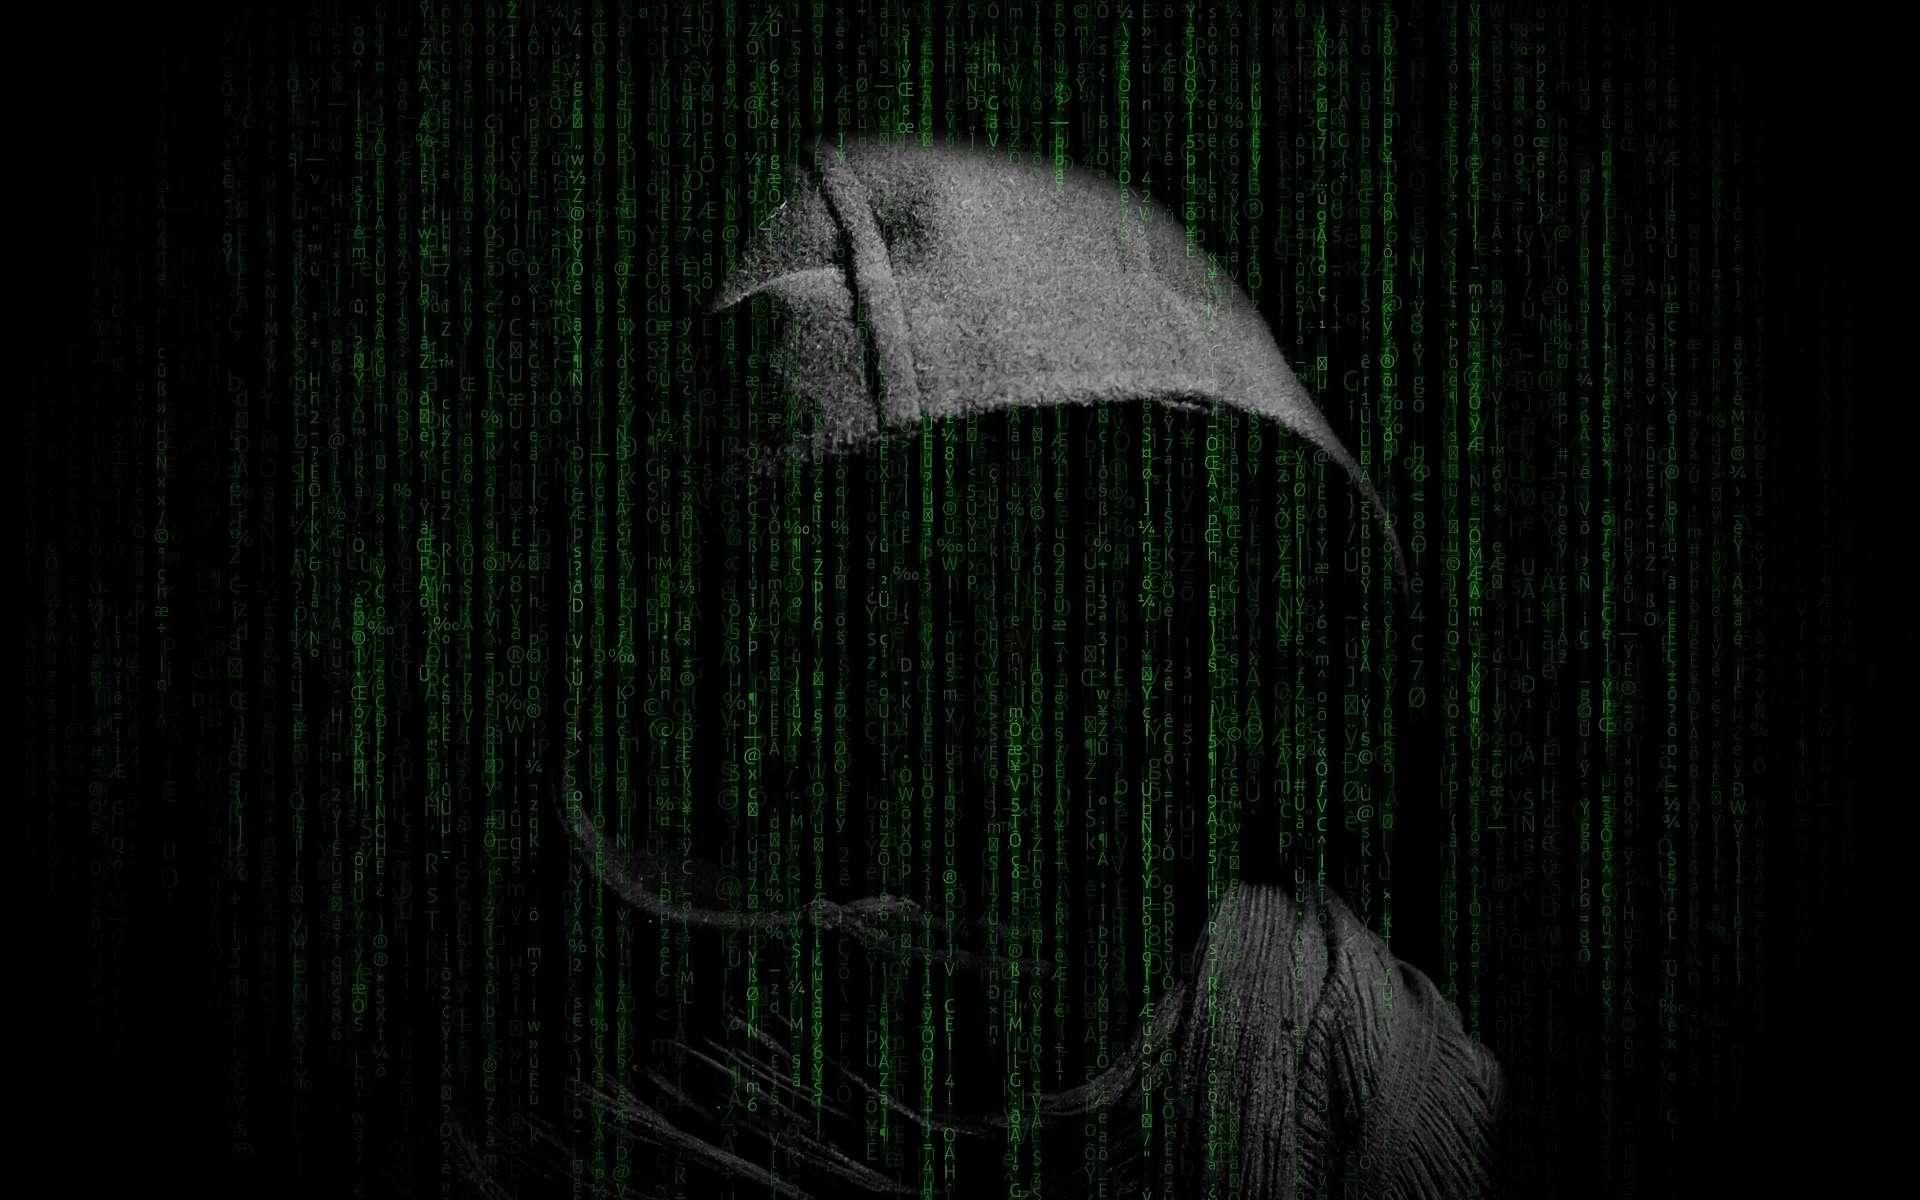 La Russie, la Chine et la Corée du Nord sont régulièrement accusées d'être derrière d'importantes cyberattaques. © Darwin Laganzon, Pixabay